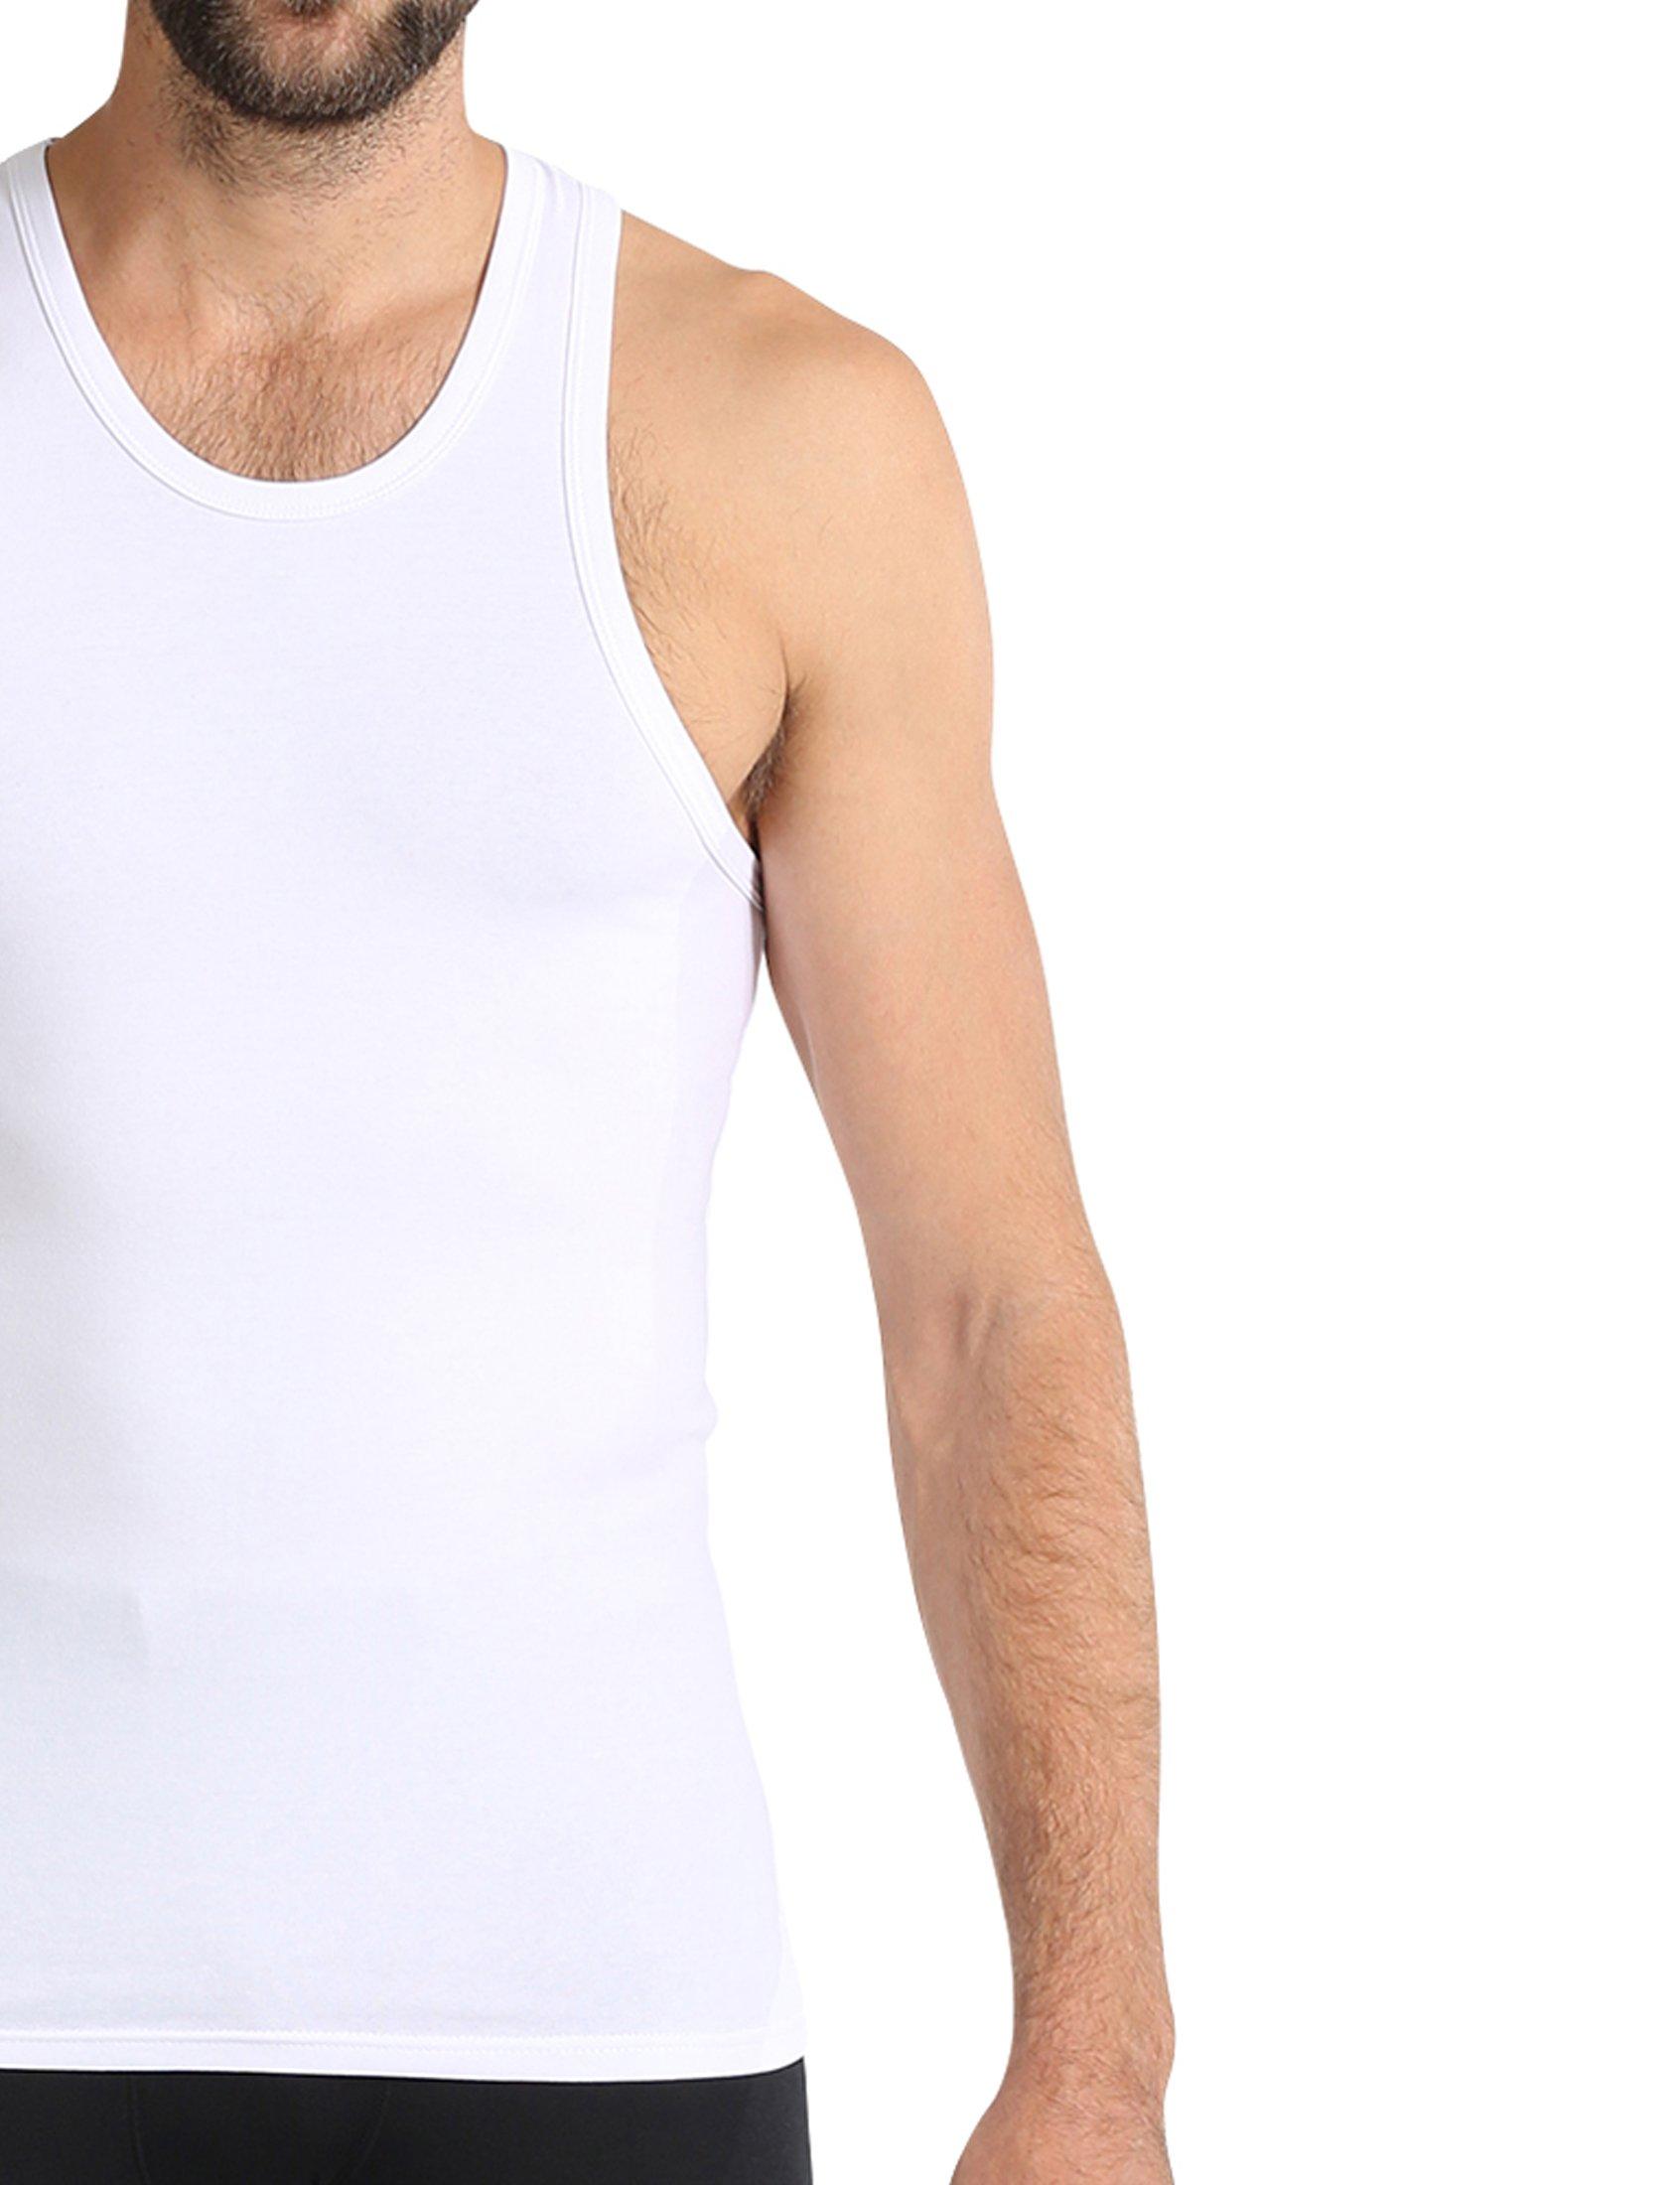 size 40 044af f4997 Ultrasport Herren Unterhemd / Achselshirt mit breiten Trägern für hohen  Tragekomfort